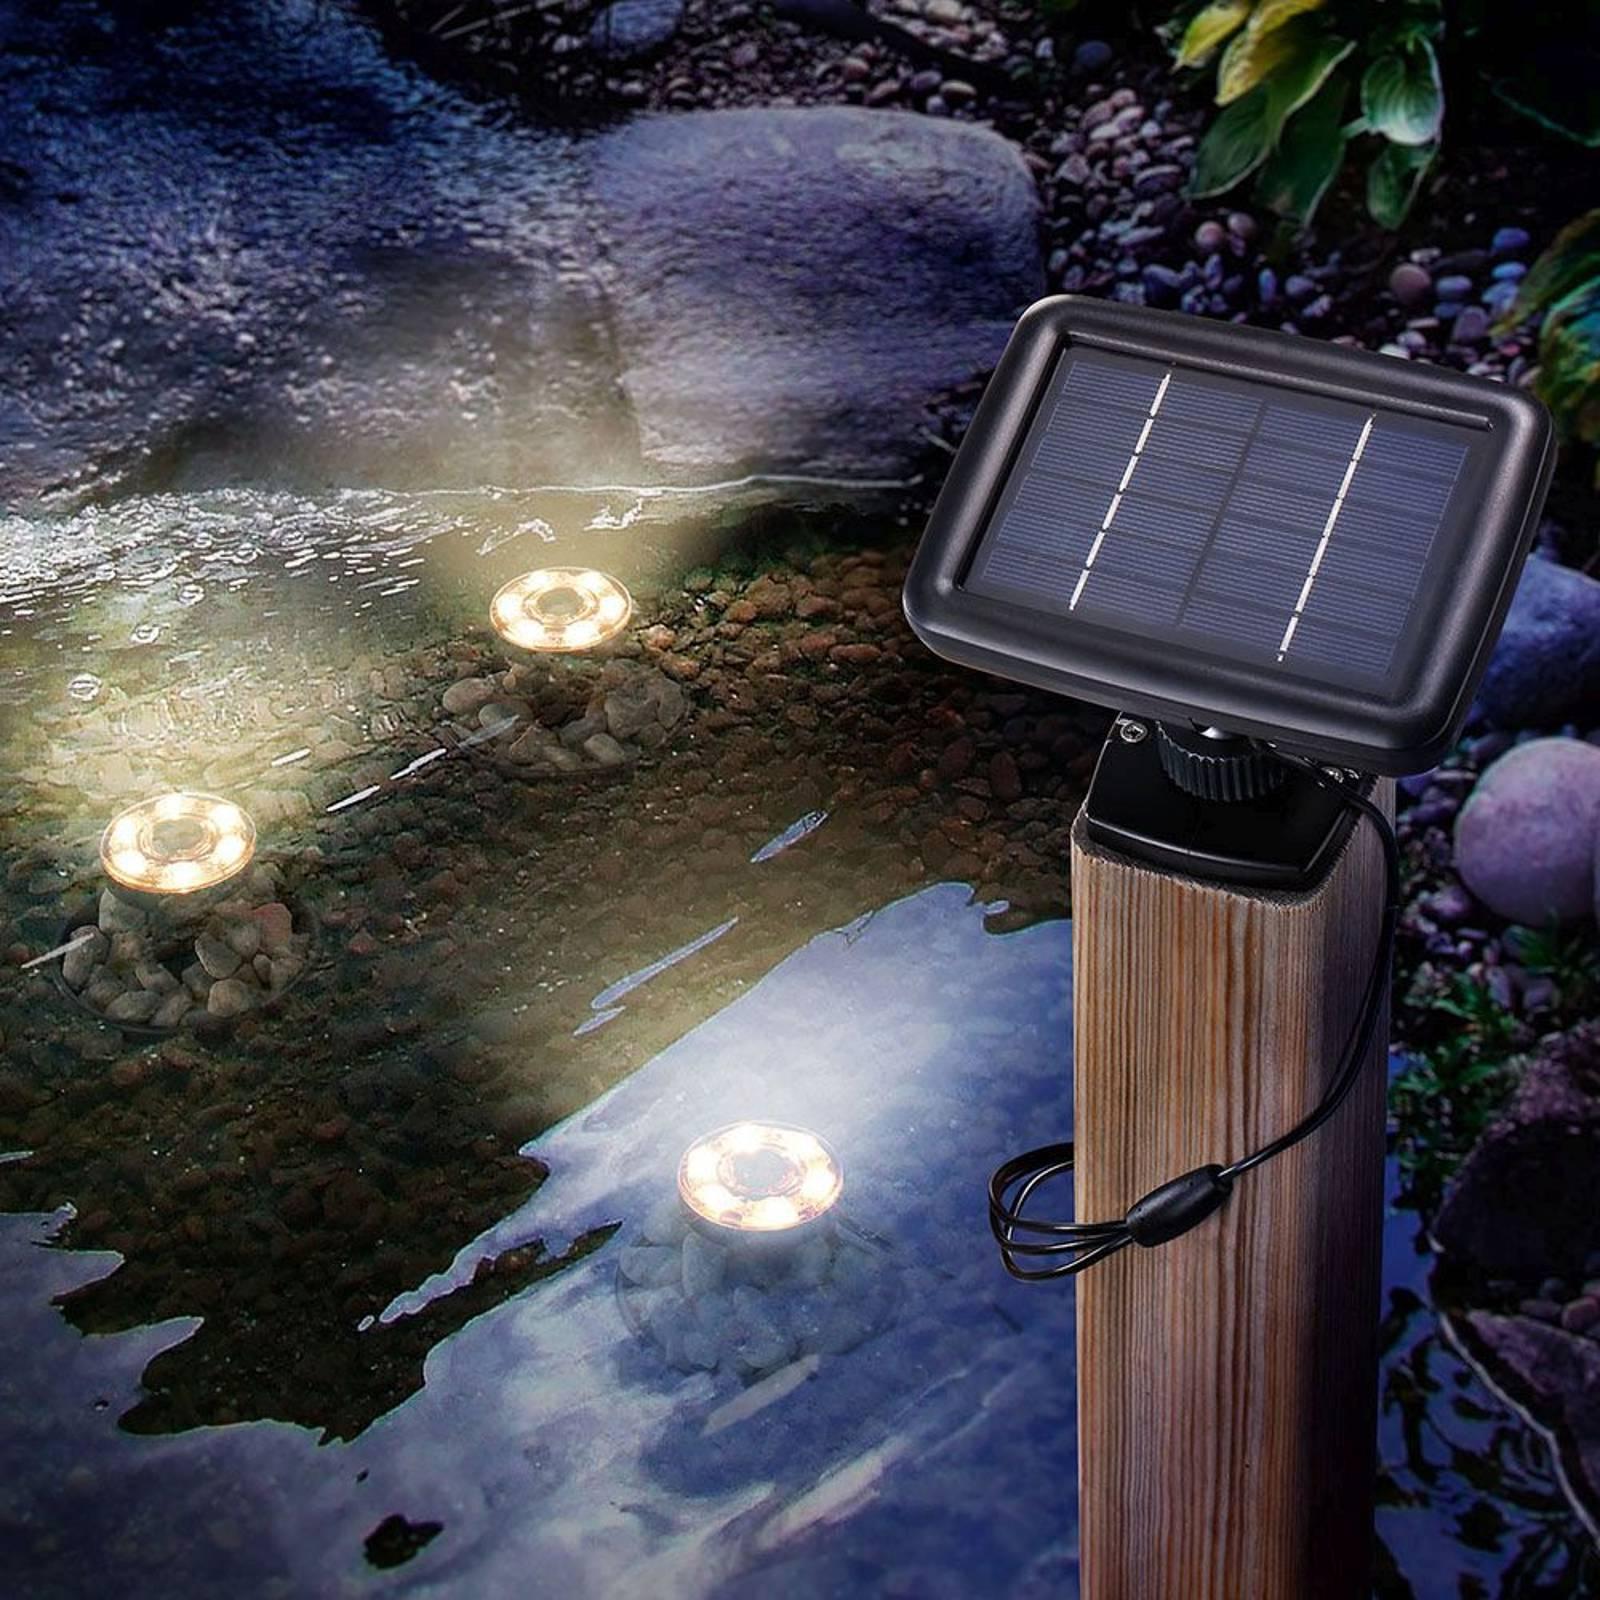 LED-aurinko-vedenalainen spotti 3 kpl